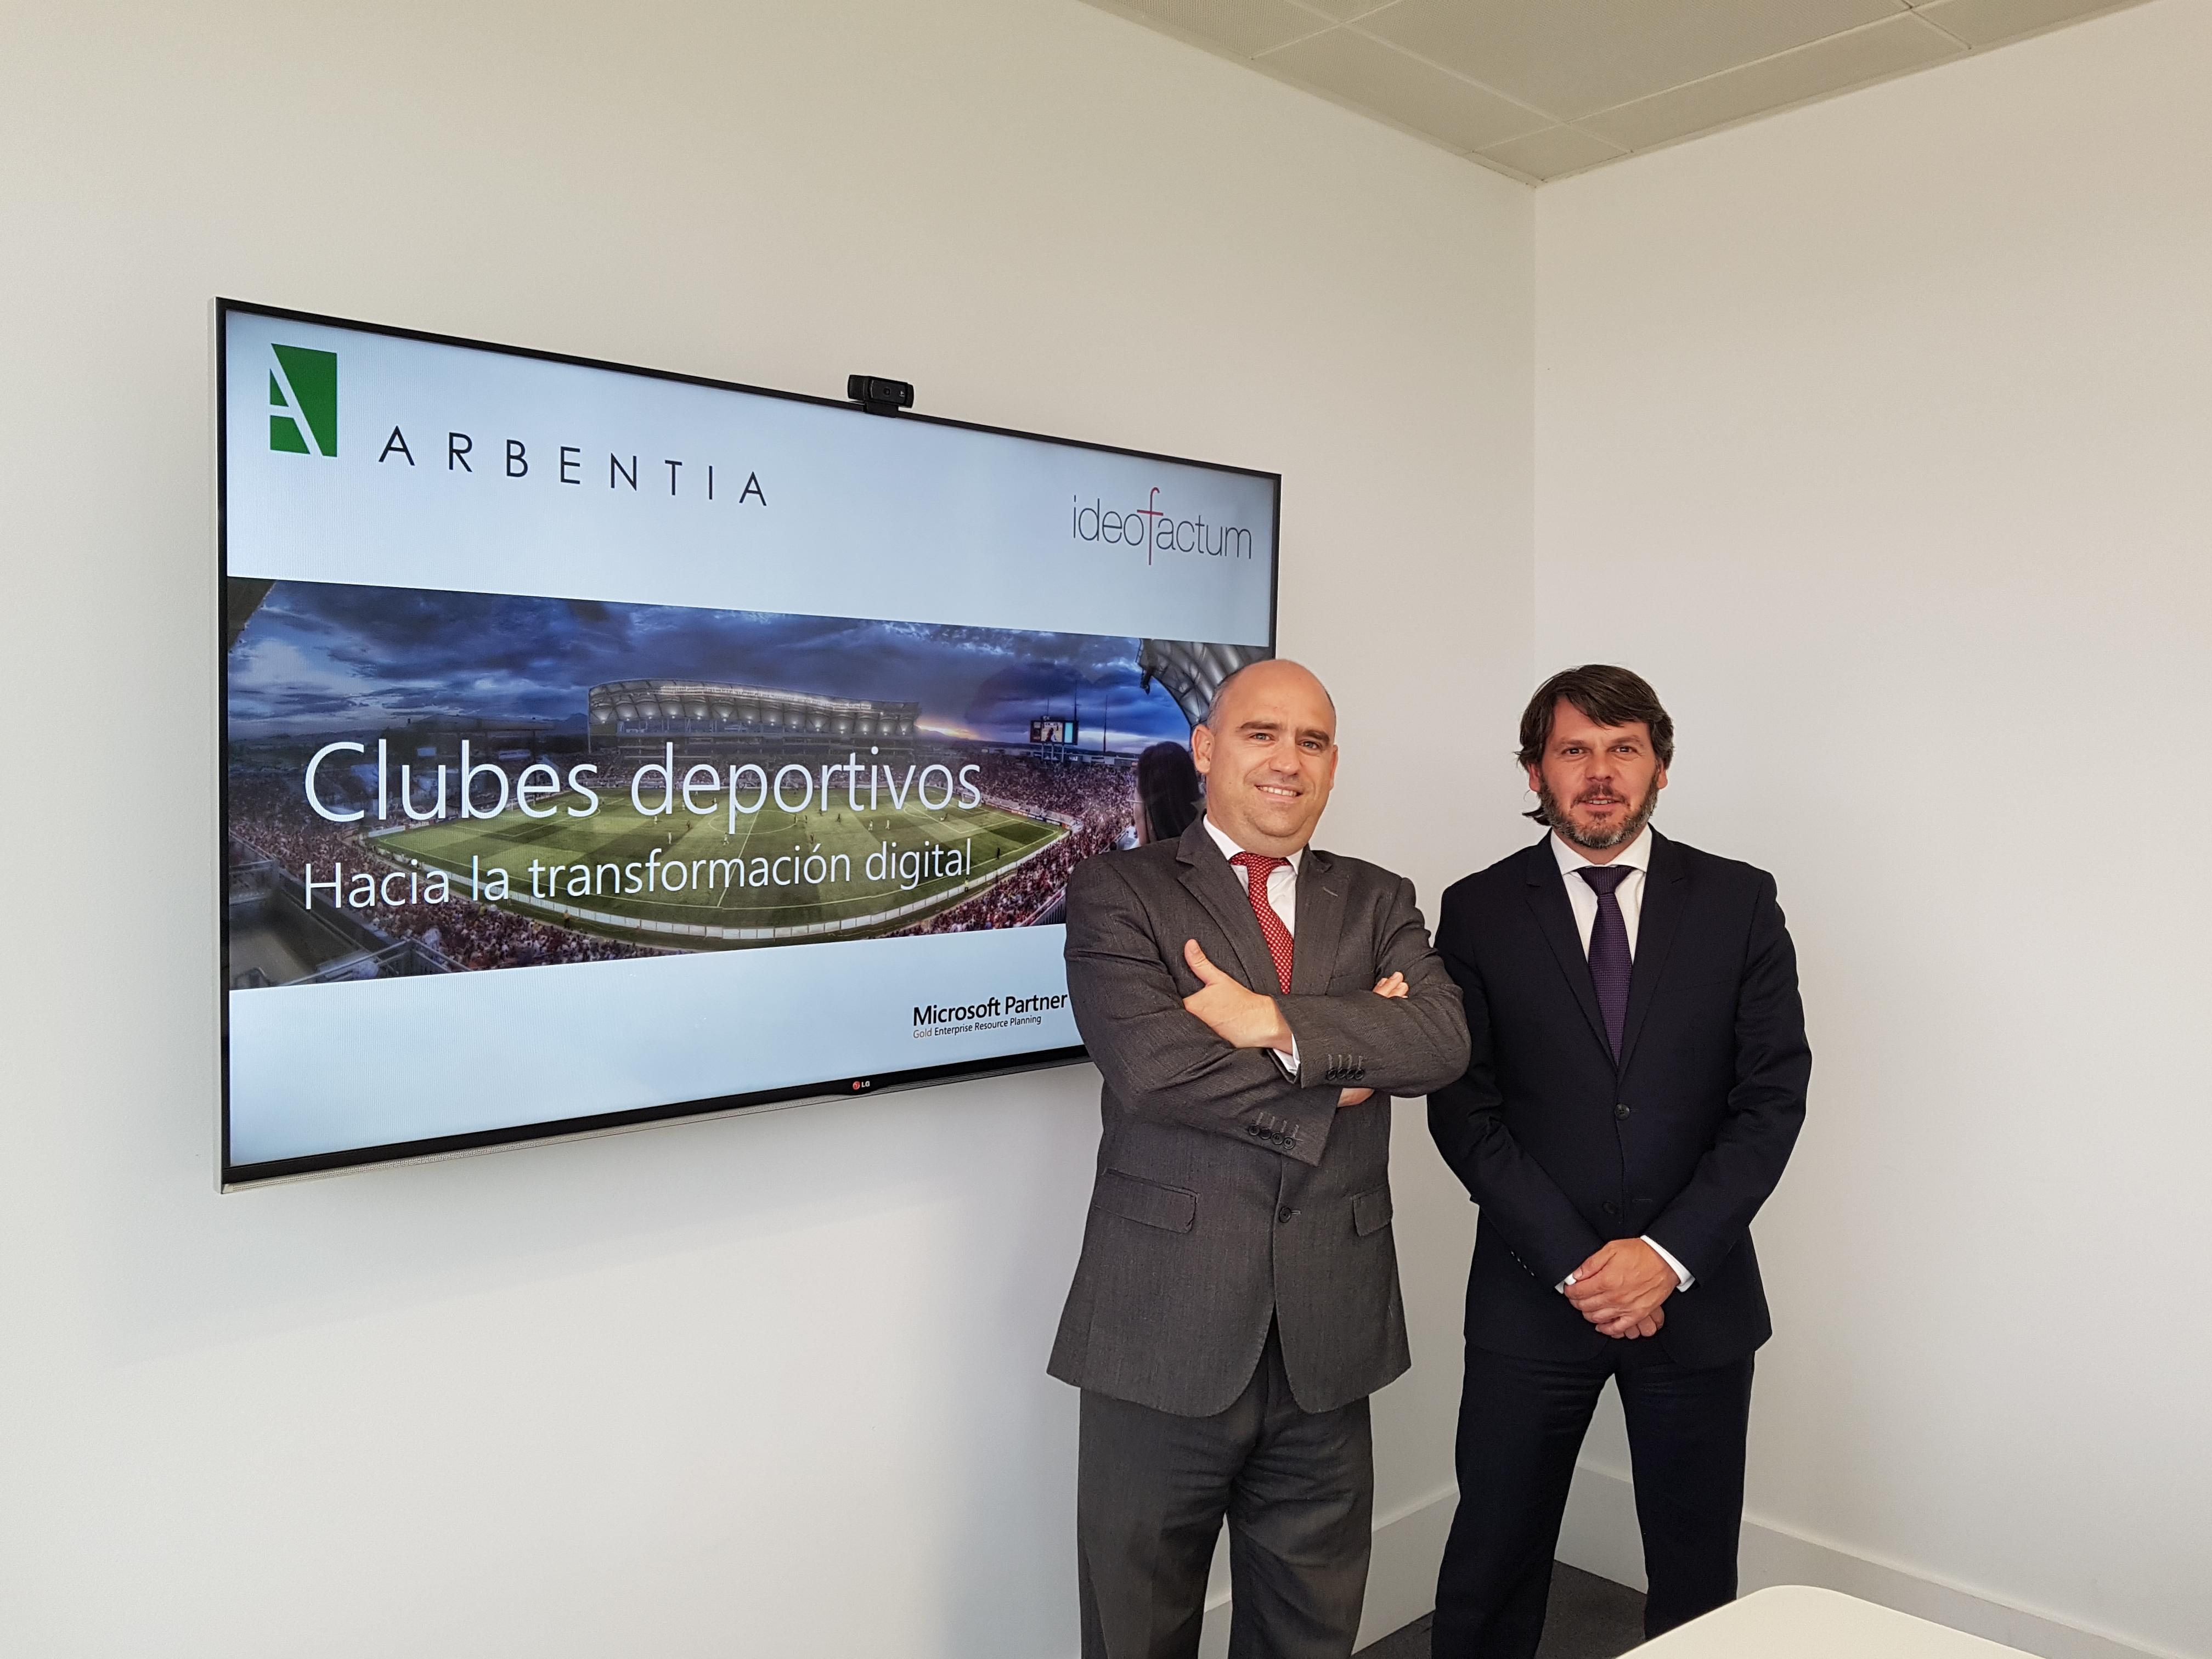 ARBENTIA, Ideofactum y GSCI juntos por la ditalización en la industria del deporte